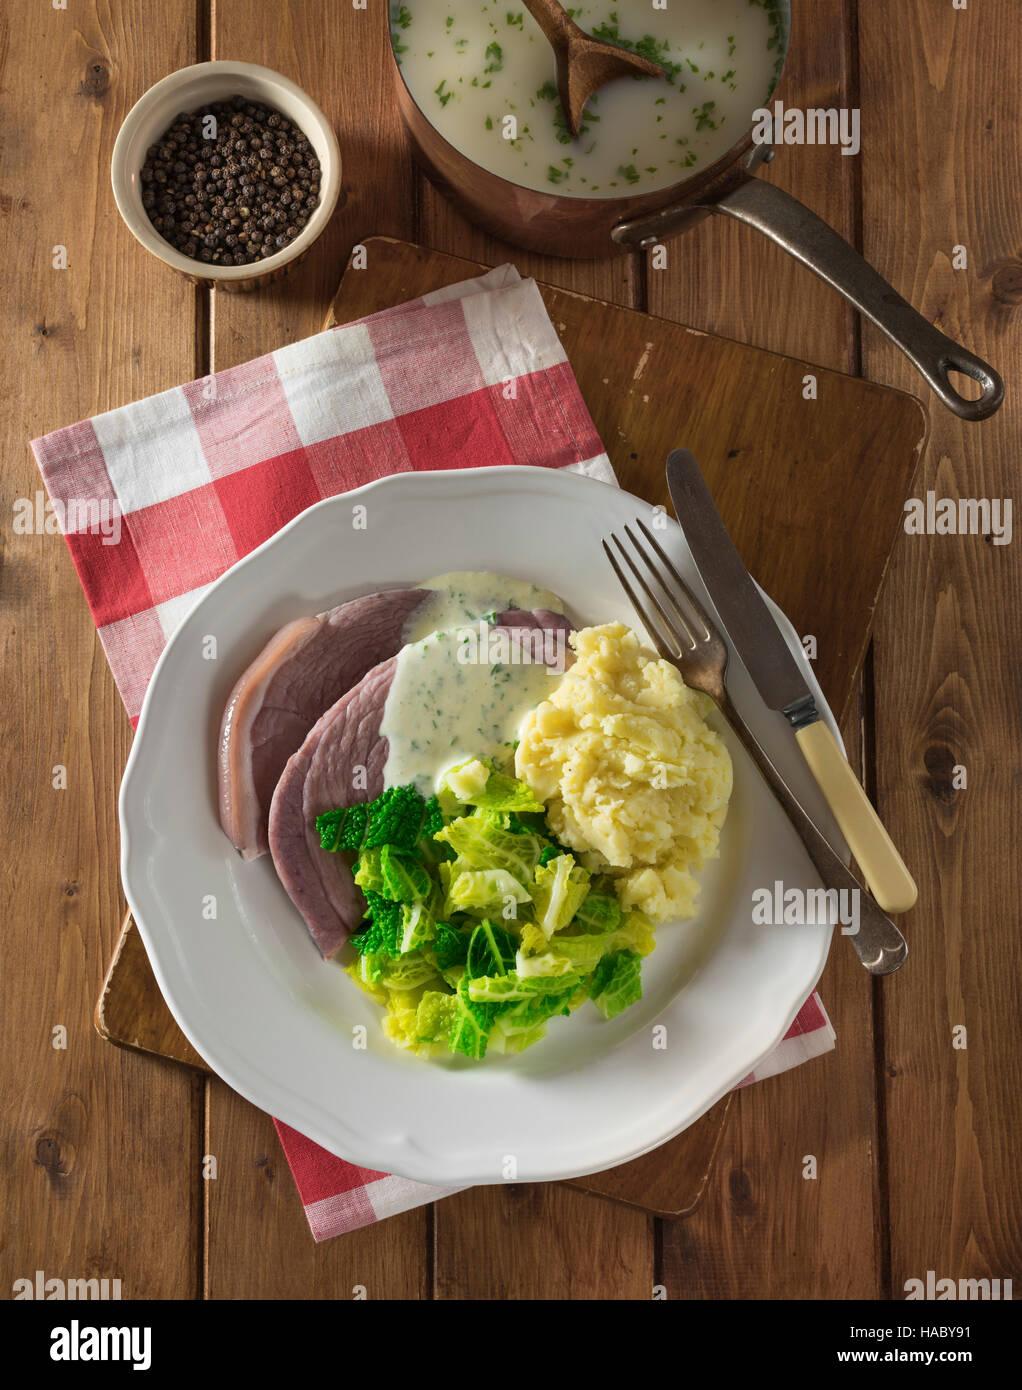 Irische Speck und Kohl mit Petersilie-Sauce. Irland-Essen Stockbild